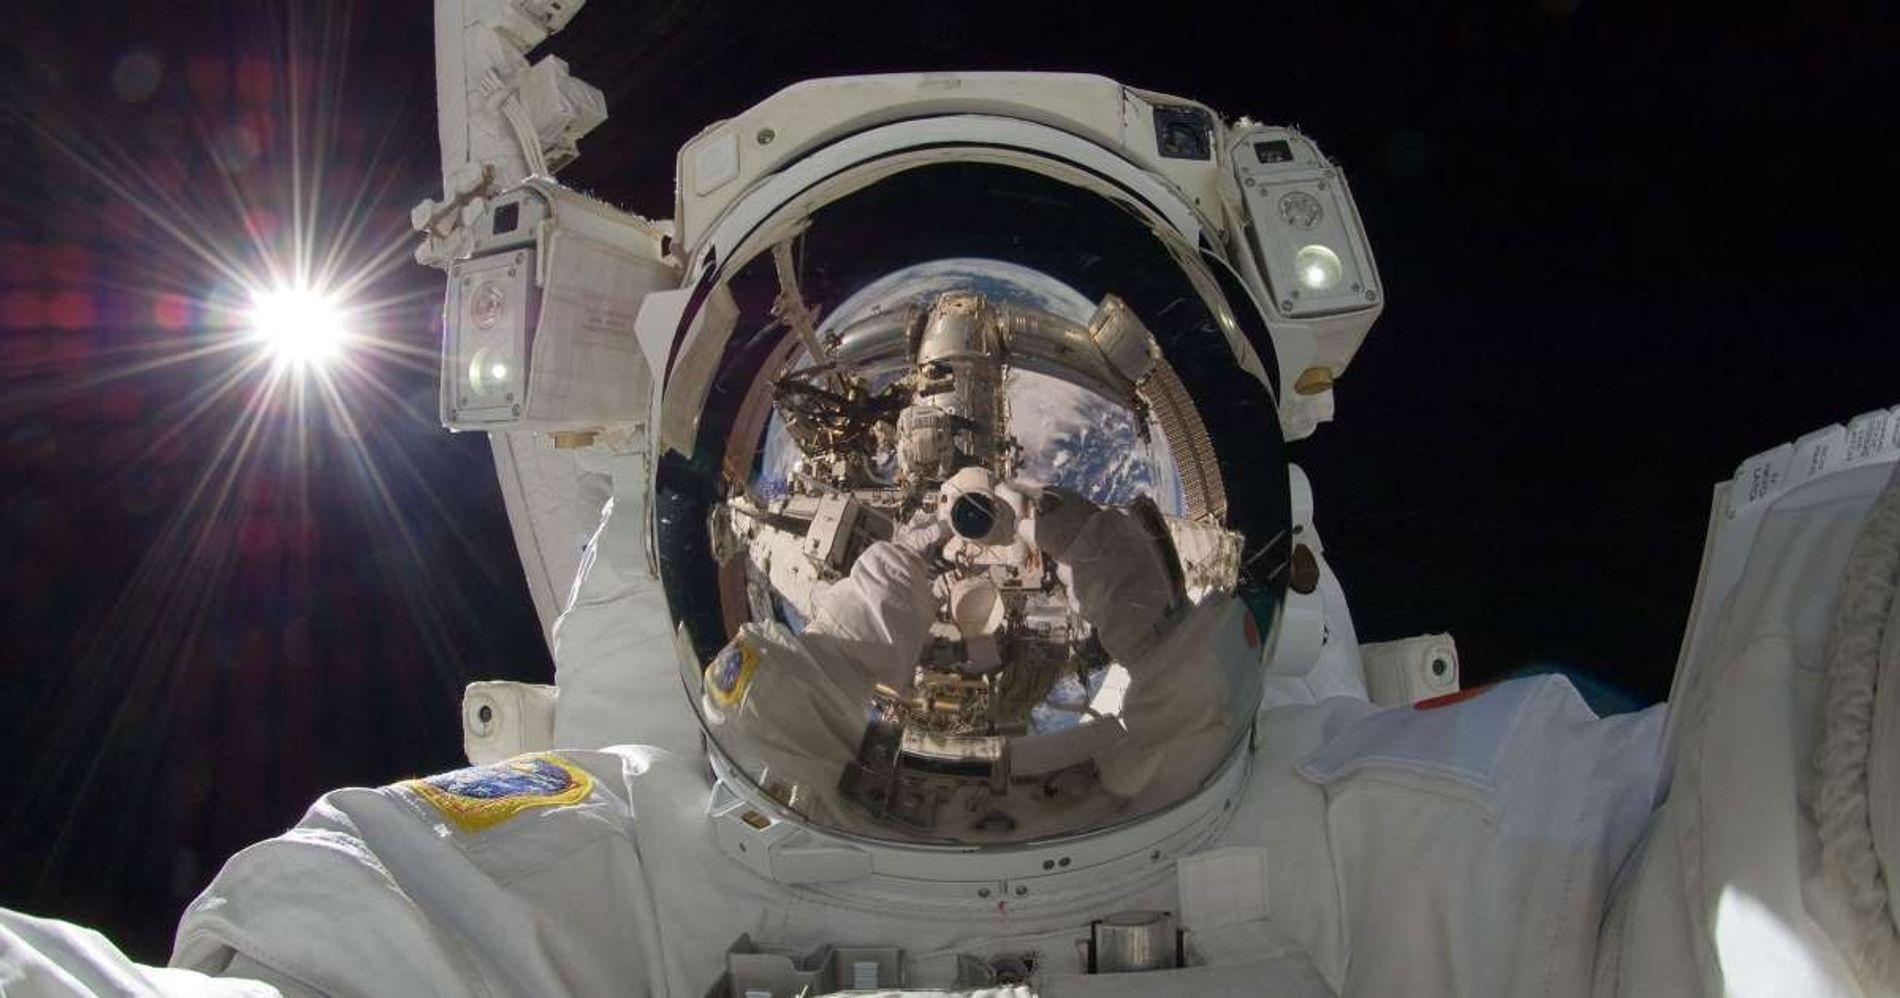 L'astronaute japonais Akihiko Hoshide a réalisé ce remarquable selfie alors qu'il se trouvait sur la Station spatiale internationale en orbite autour de la Terre le 5 septembre 2012.